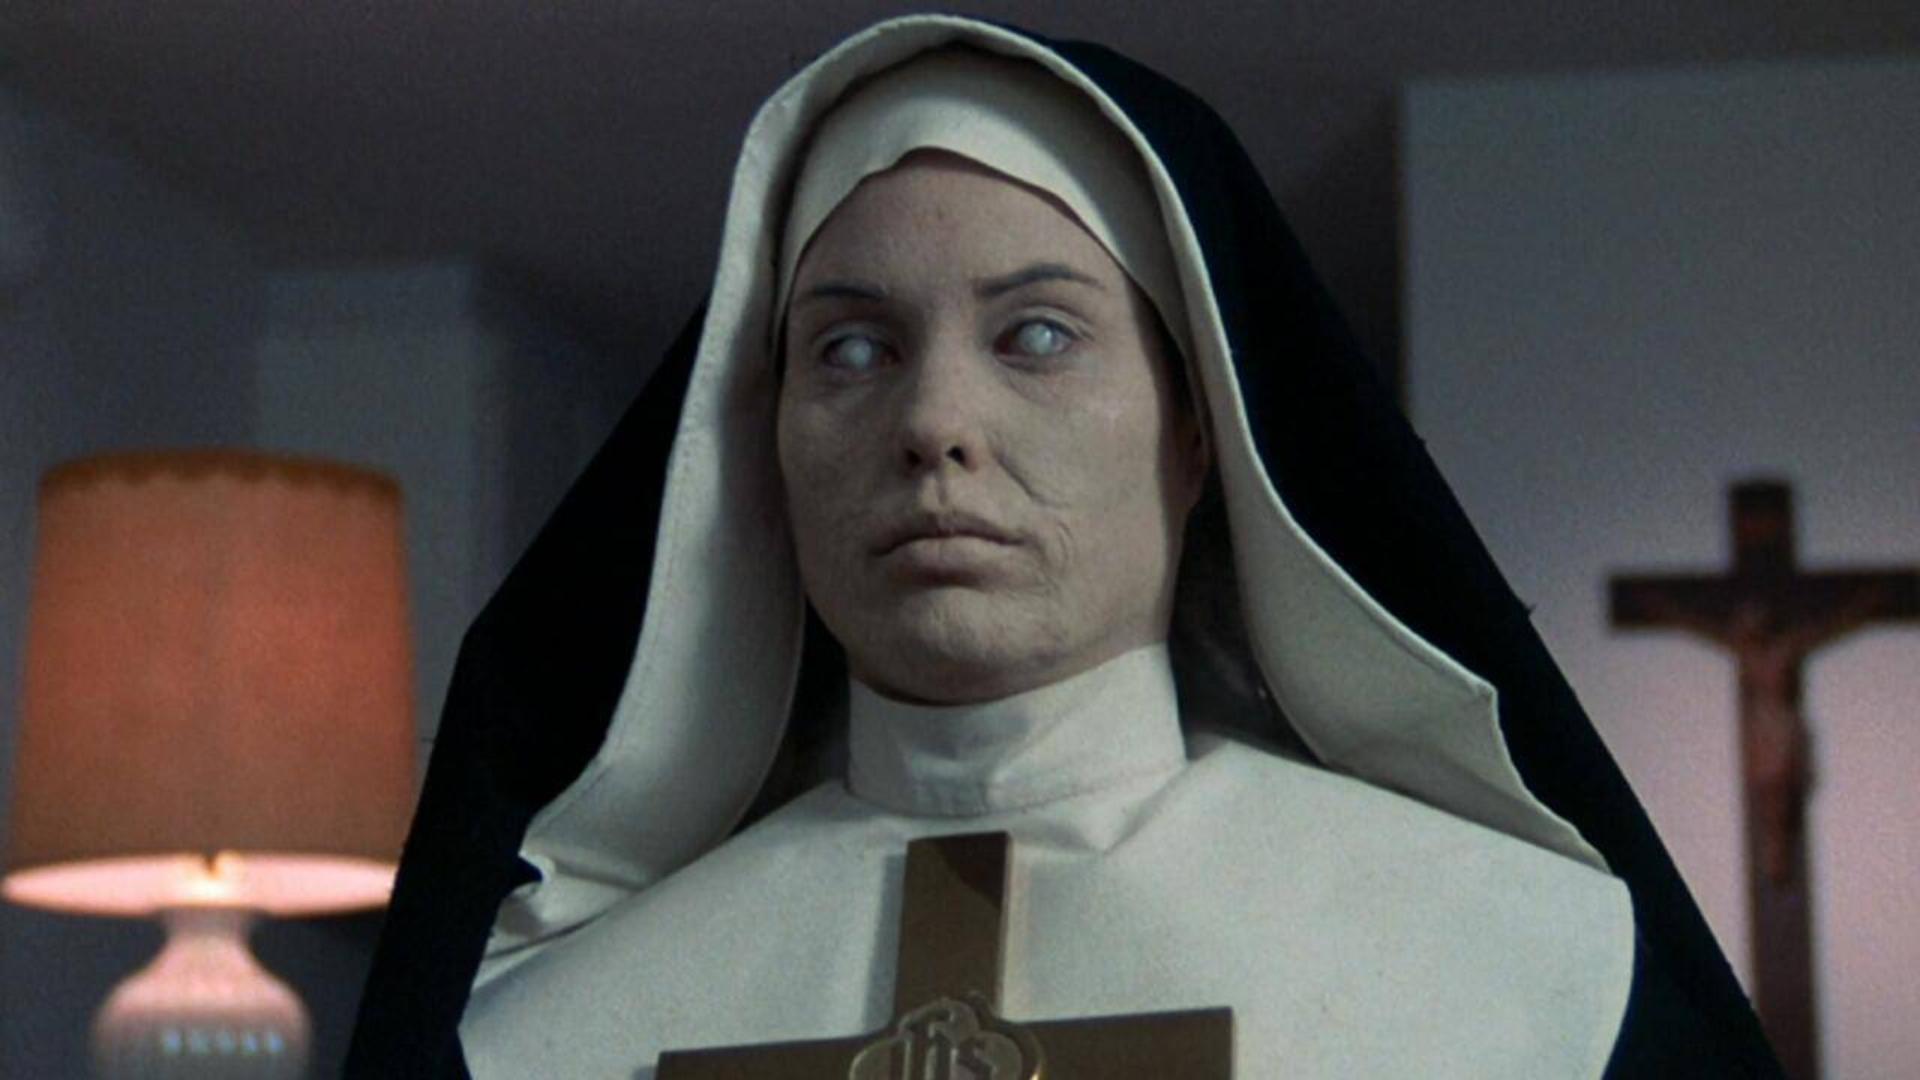 【奥雷】极度恐怖的上帝教会 与恶魔组织比起来都毫不逊色《魔屋》